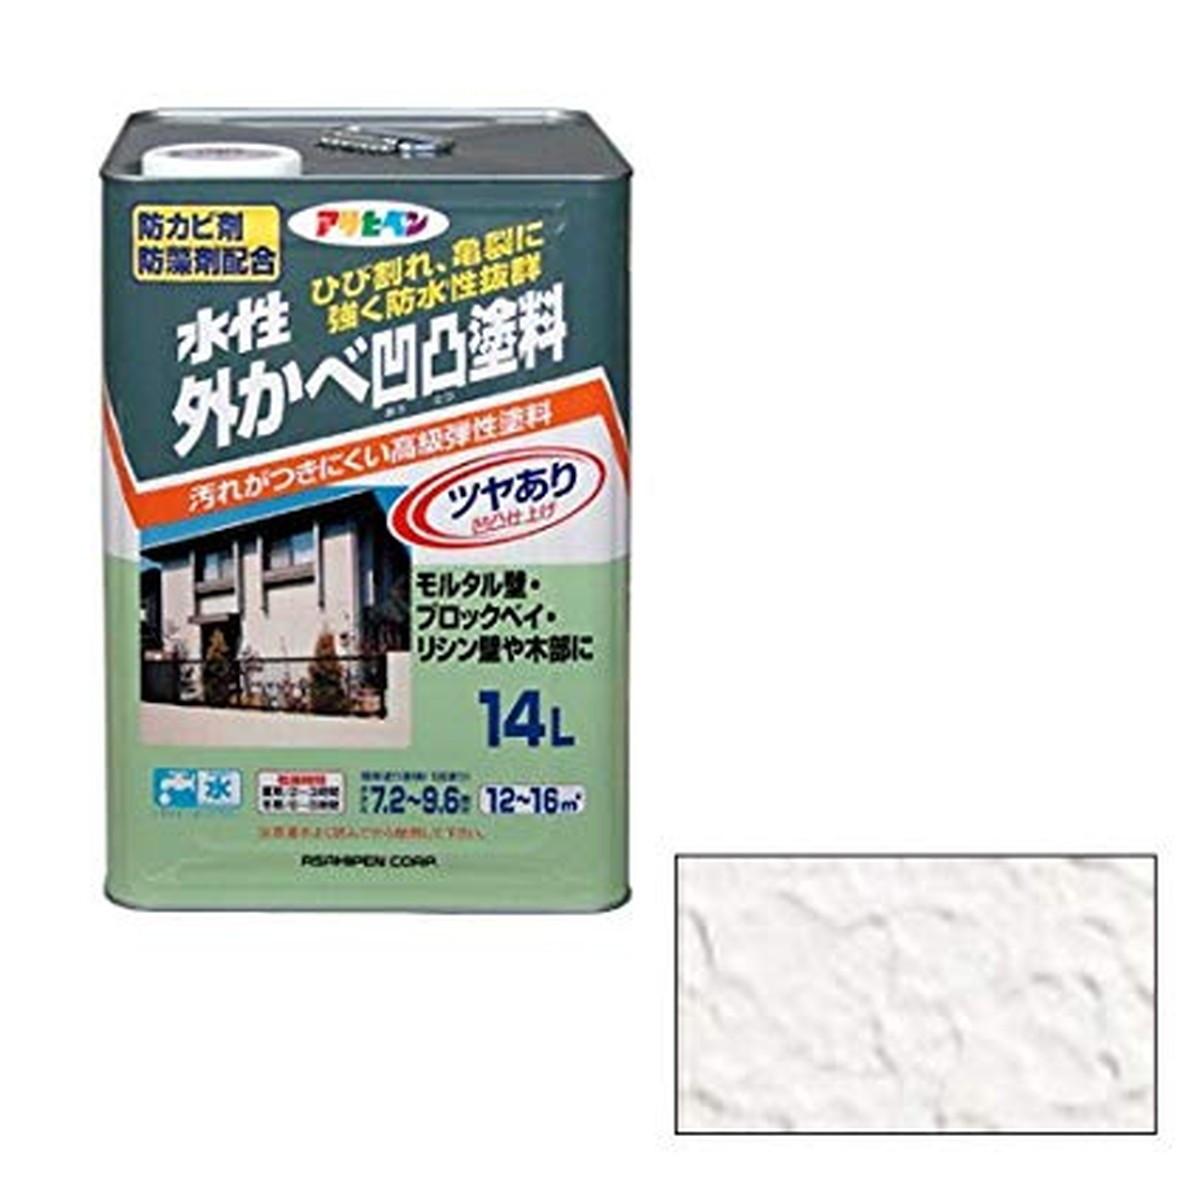 アサヒペン 水性外かべ凹凸塗料 ホワイト 14L